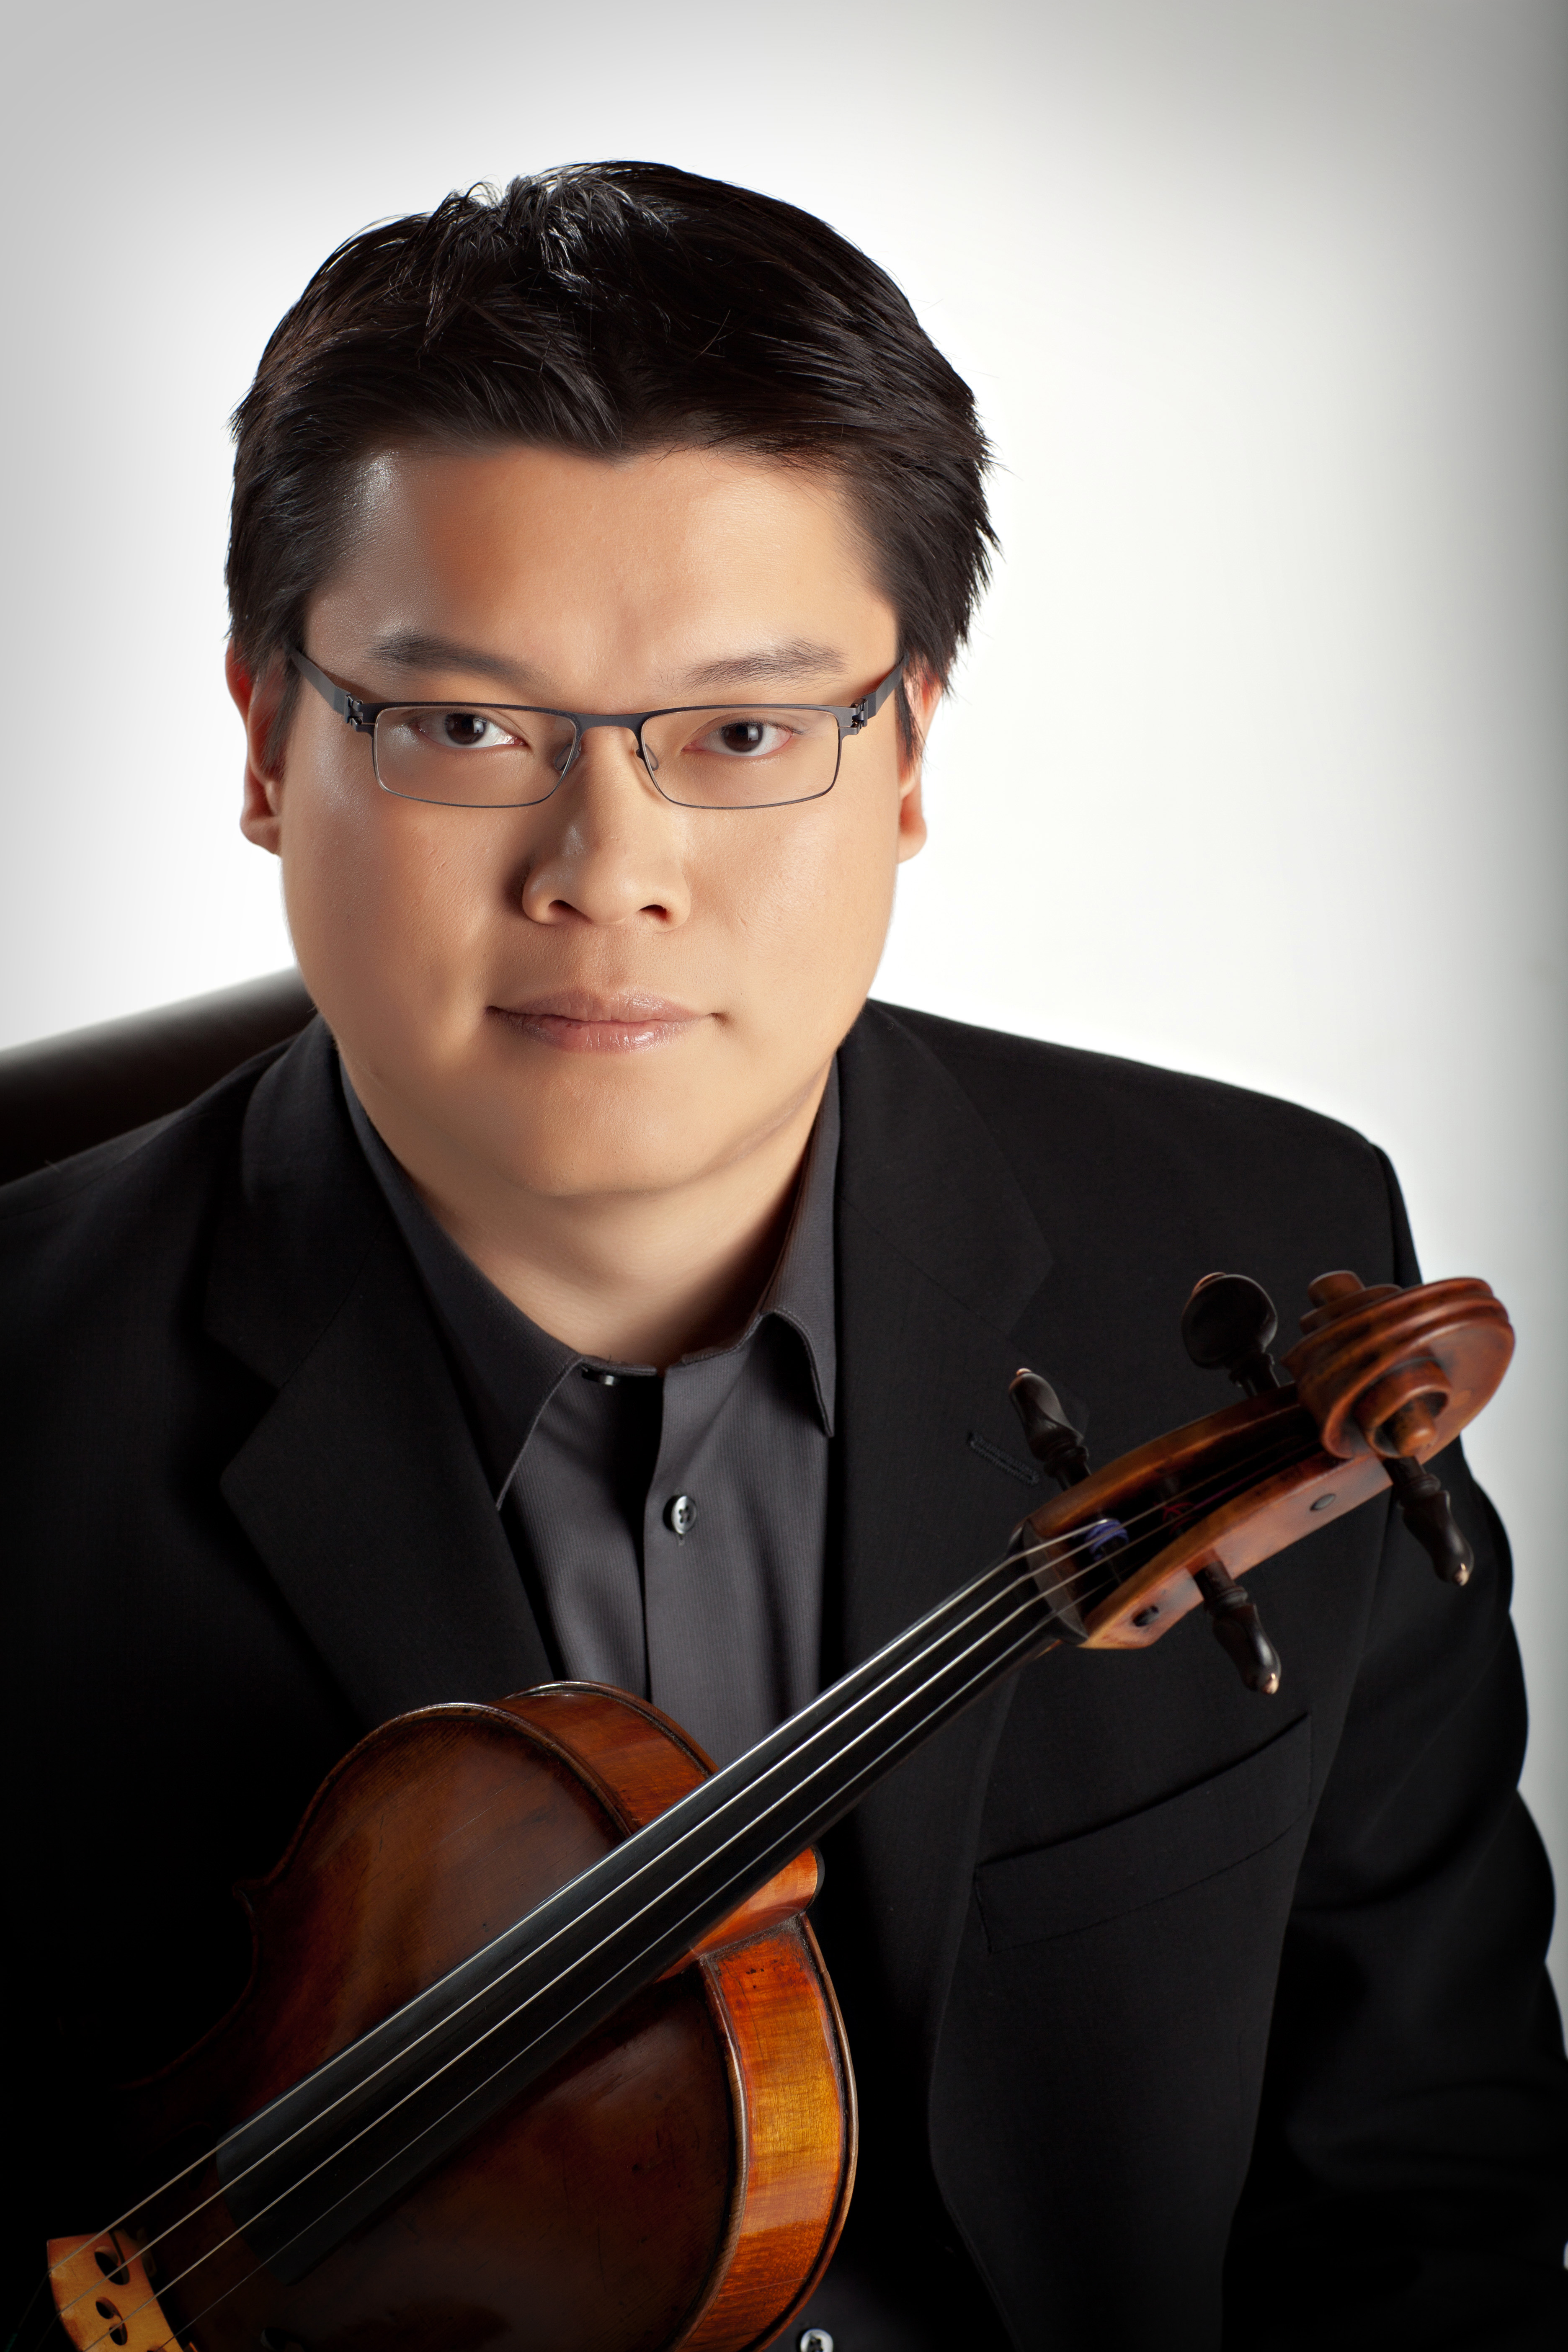 https://www.seattlechambermusic.org/wp-content/uploads/Che-Yen-Chen.jpg